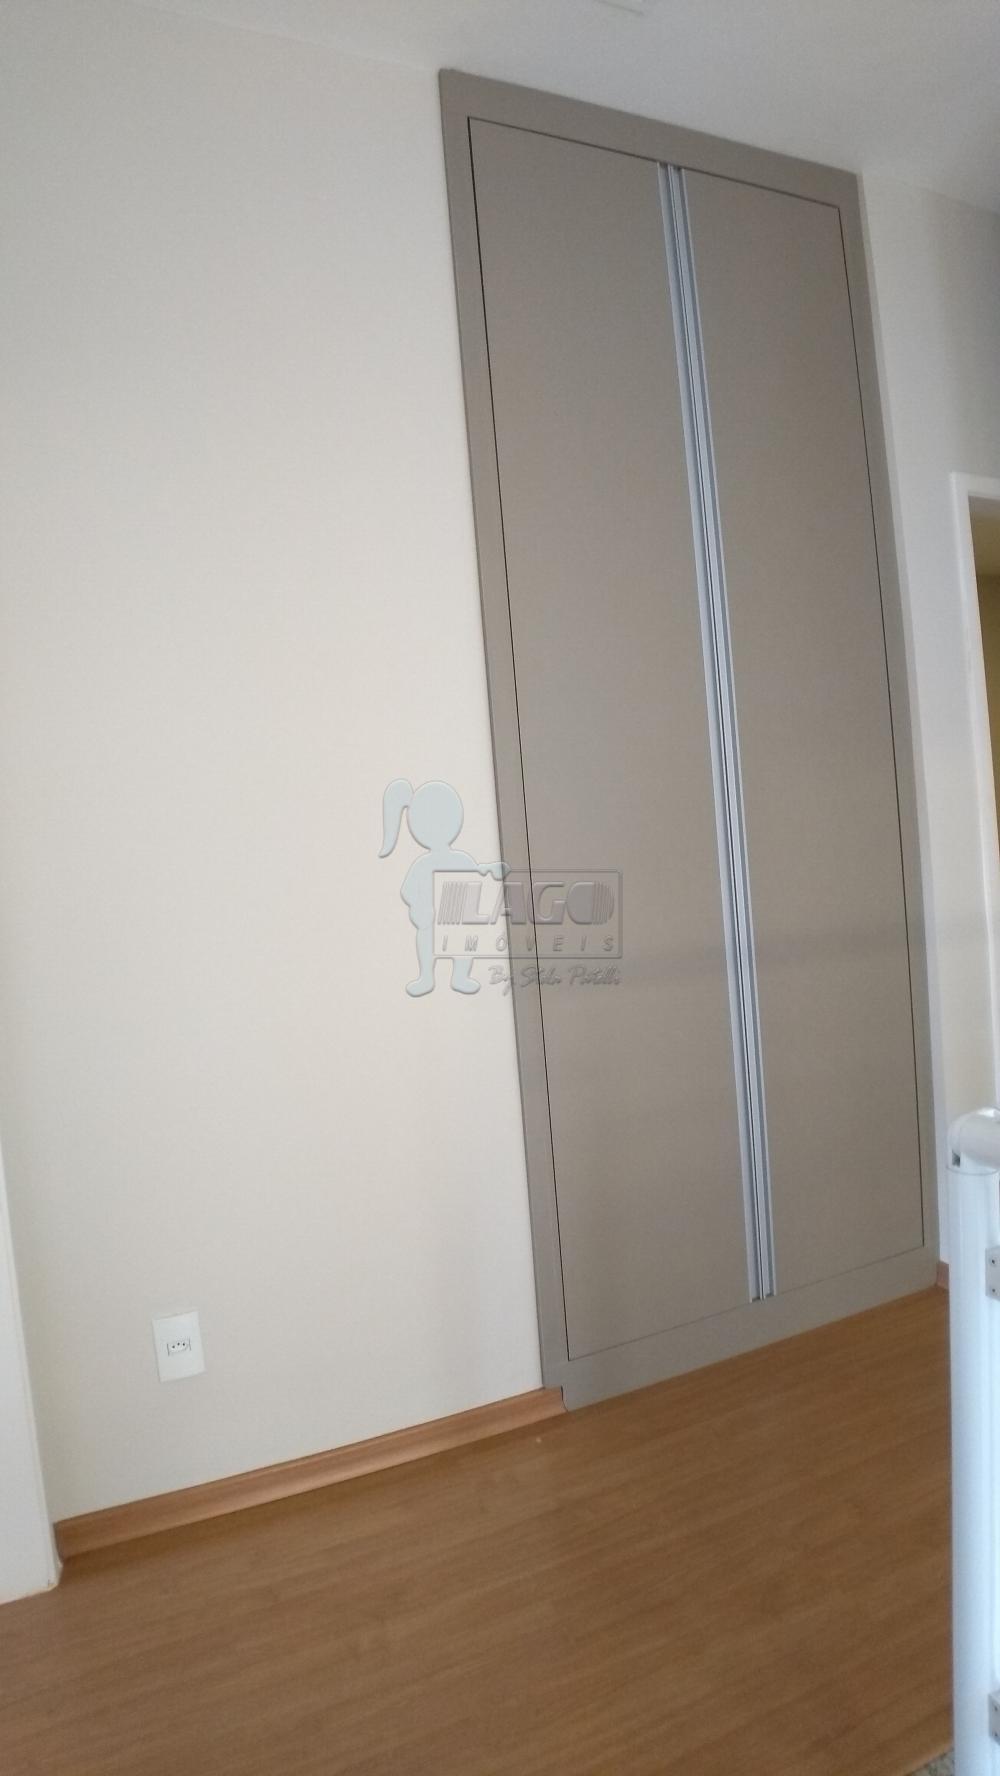 Comprar Casas / Sobrado em Ribeirão Preto apenas R$ 740.000,00 - Foto 13